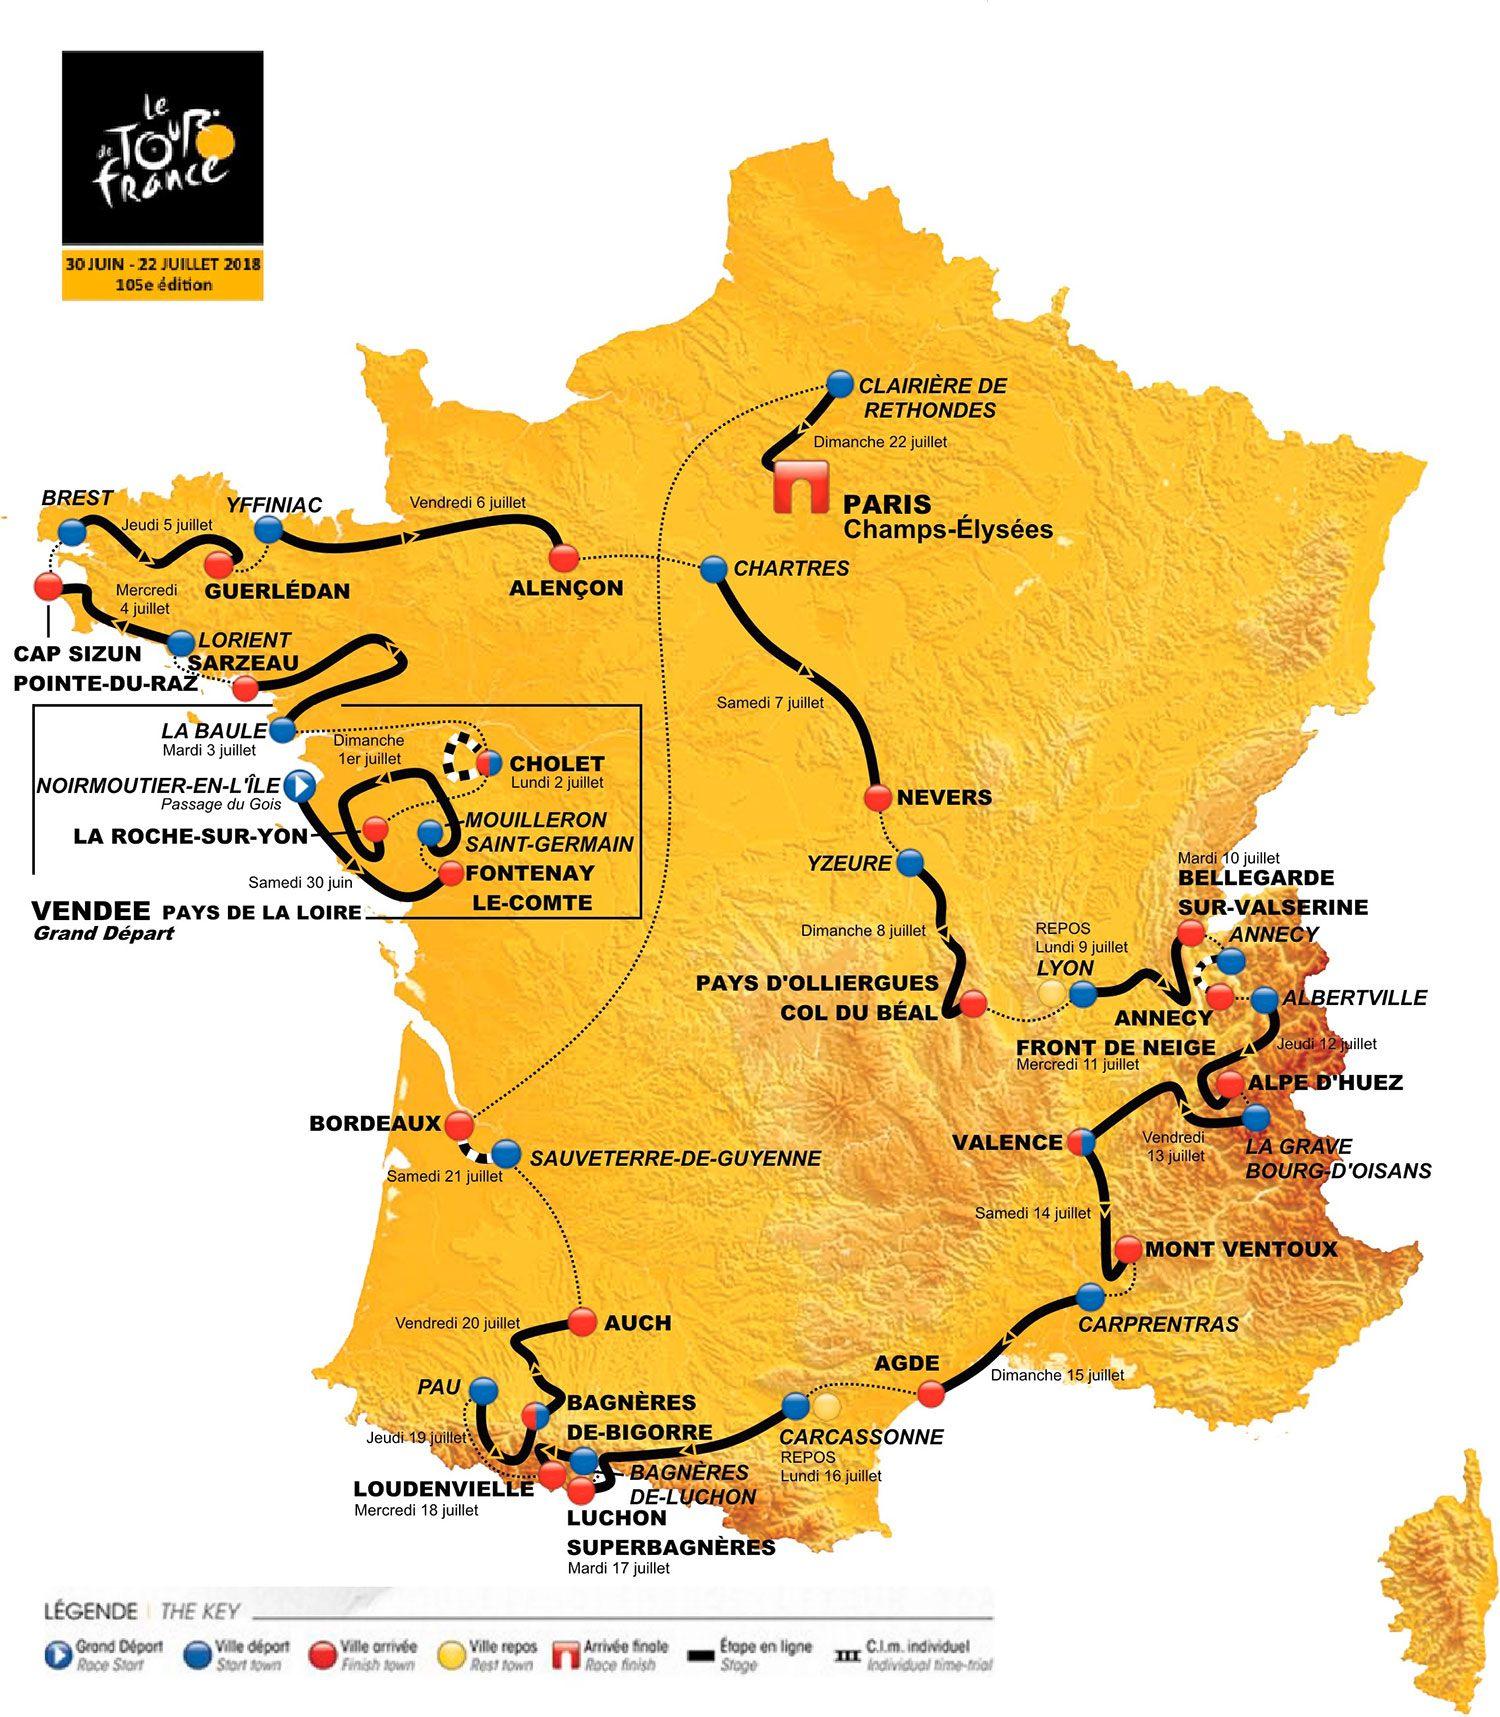 Le Tour de France 2018 passe par le Morbihan !